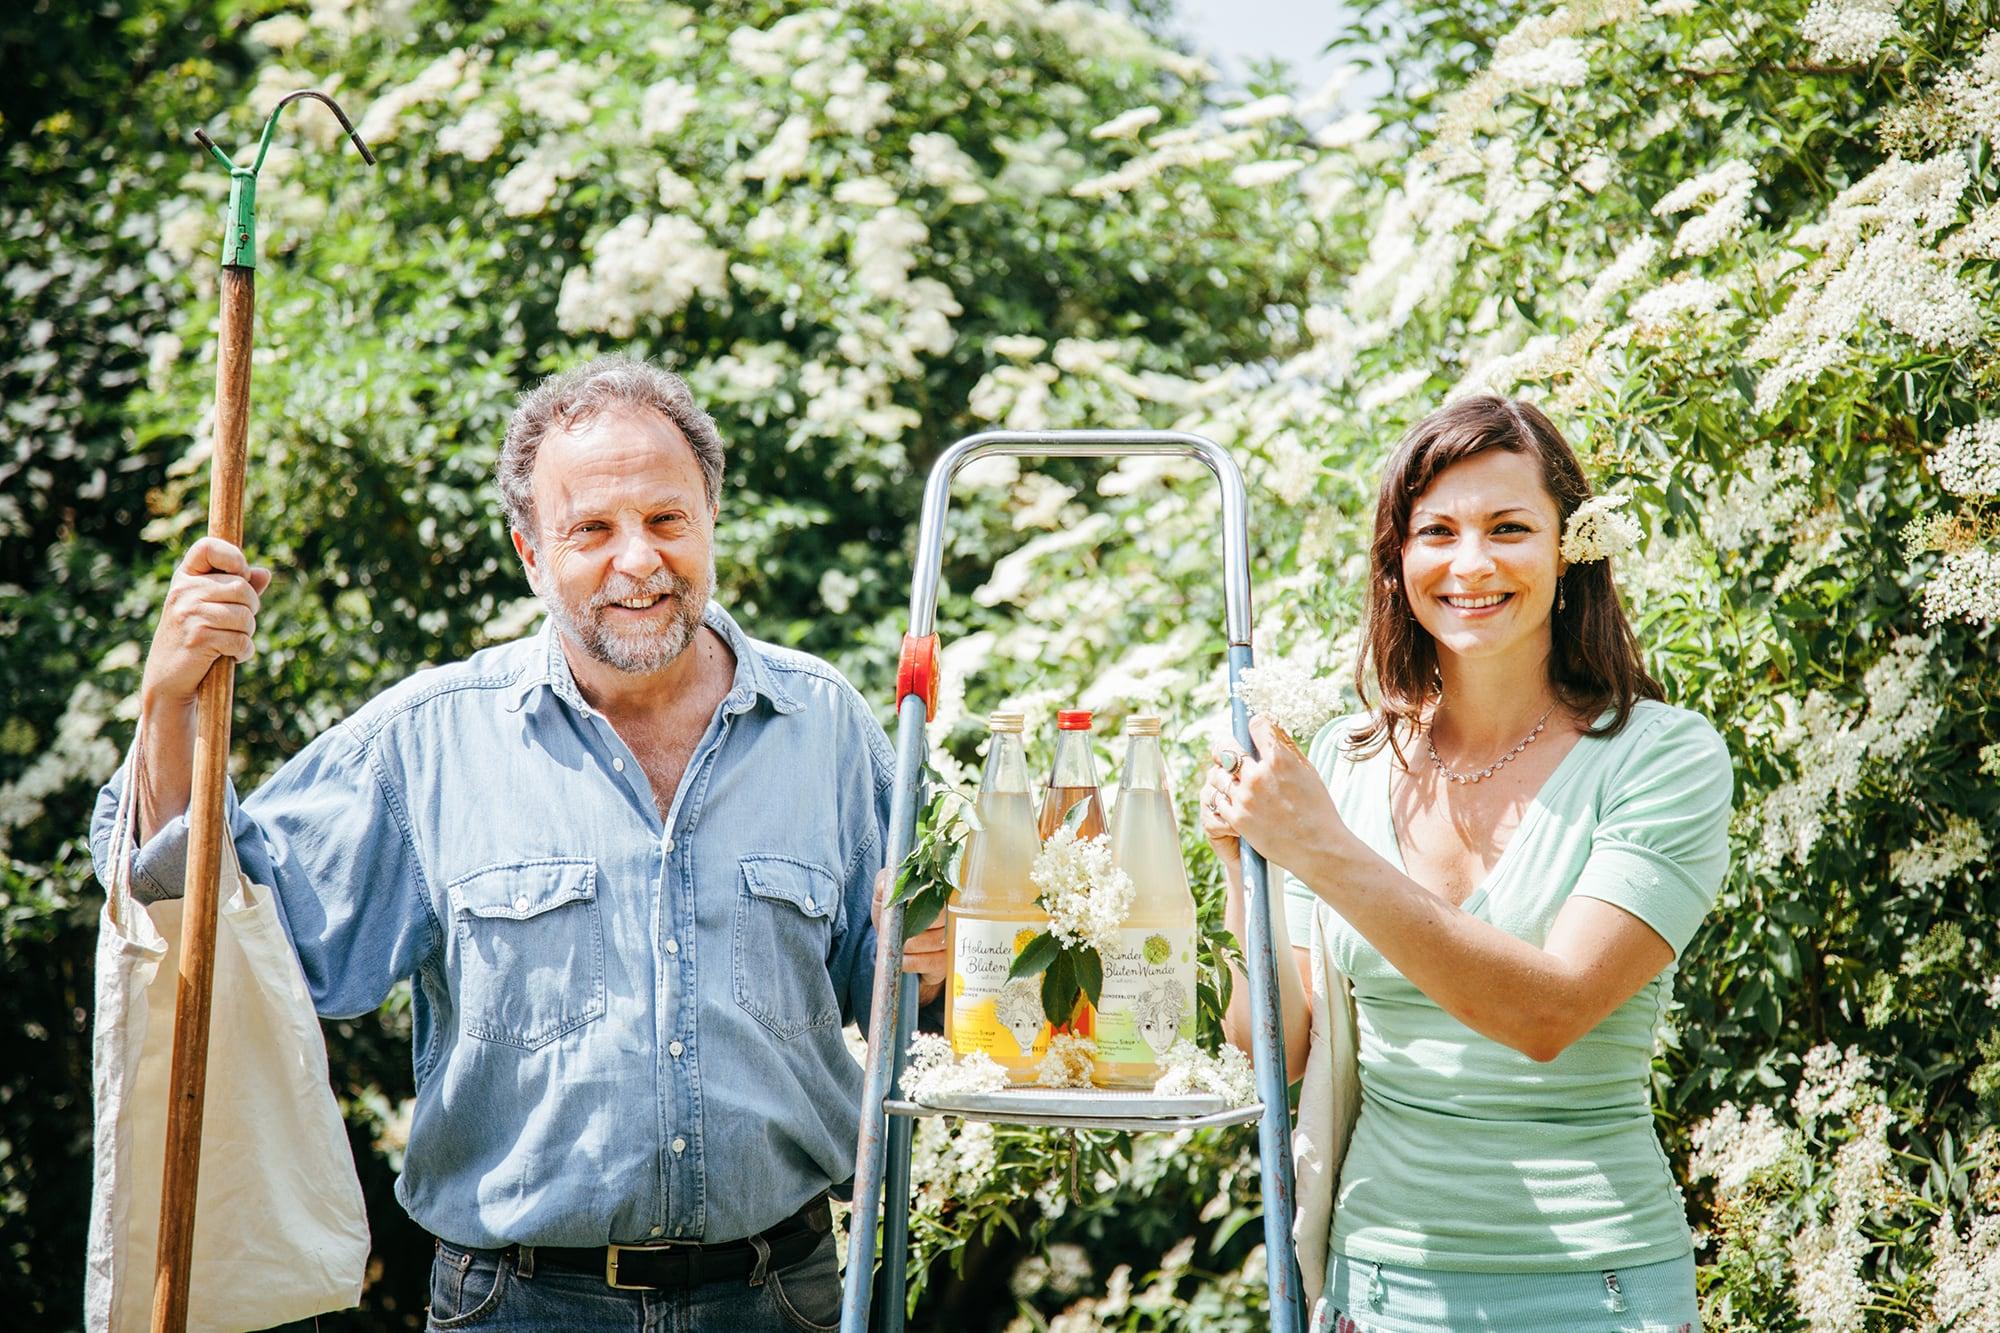 Vater-und-Tochter-mit-Flaschen-und-Blu-tenfjyycINHheubg